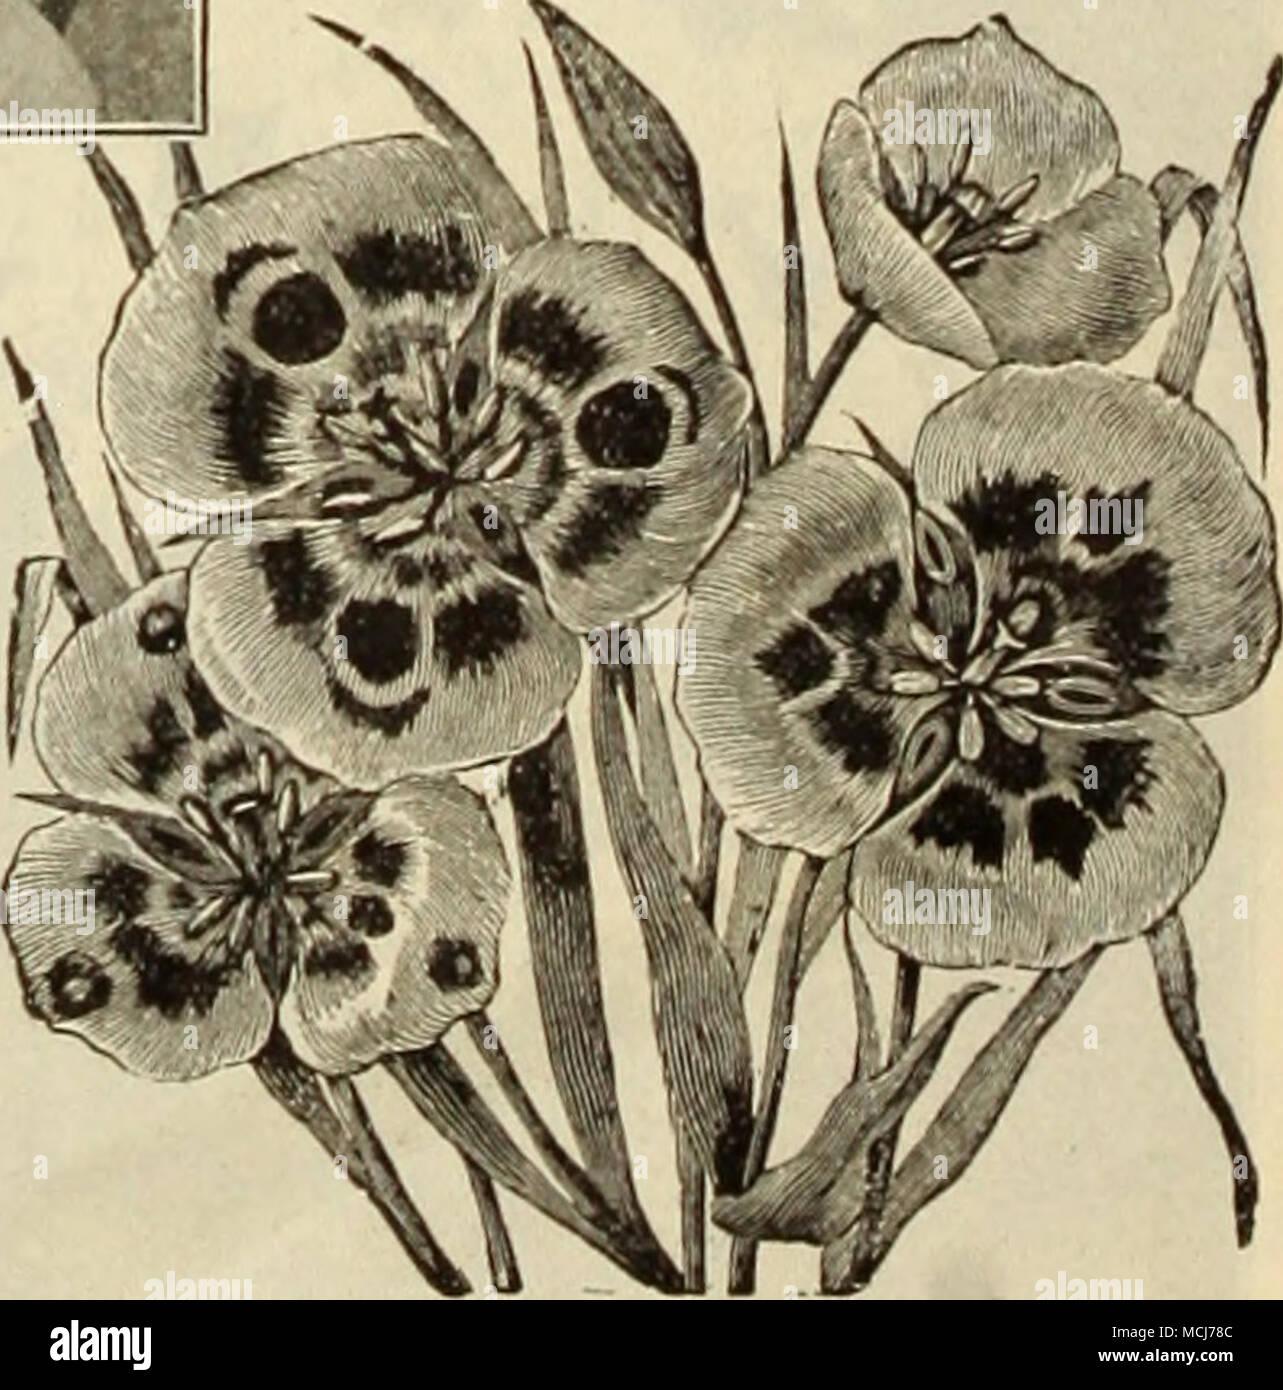 . Der CAIOrHORTI ldie Mai-blühenden Bauerngarten und Darwin Tulpen sind stark zum Schneiden geschätzt. Siehe Seiten 10 und 11. Stockfoto